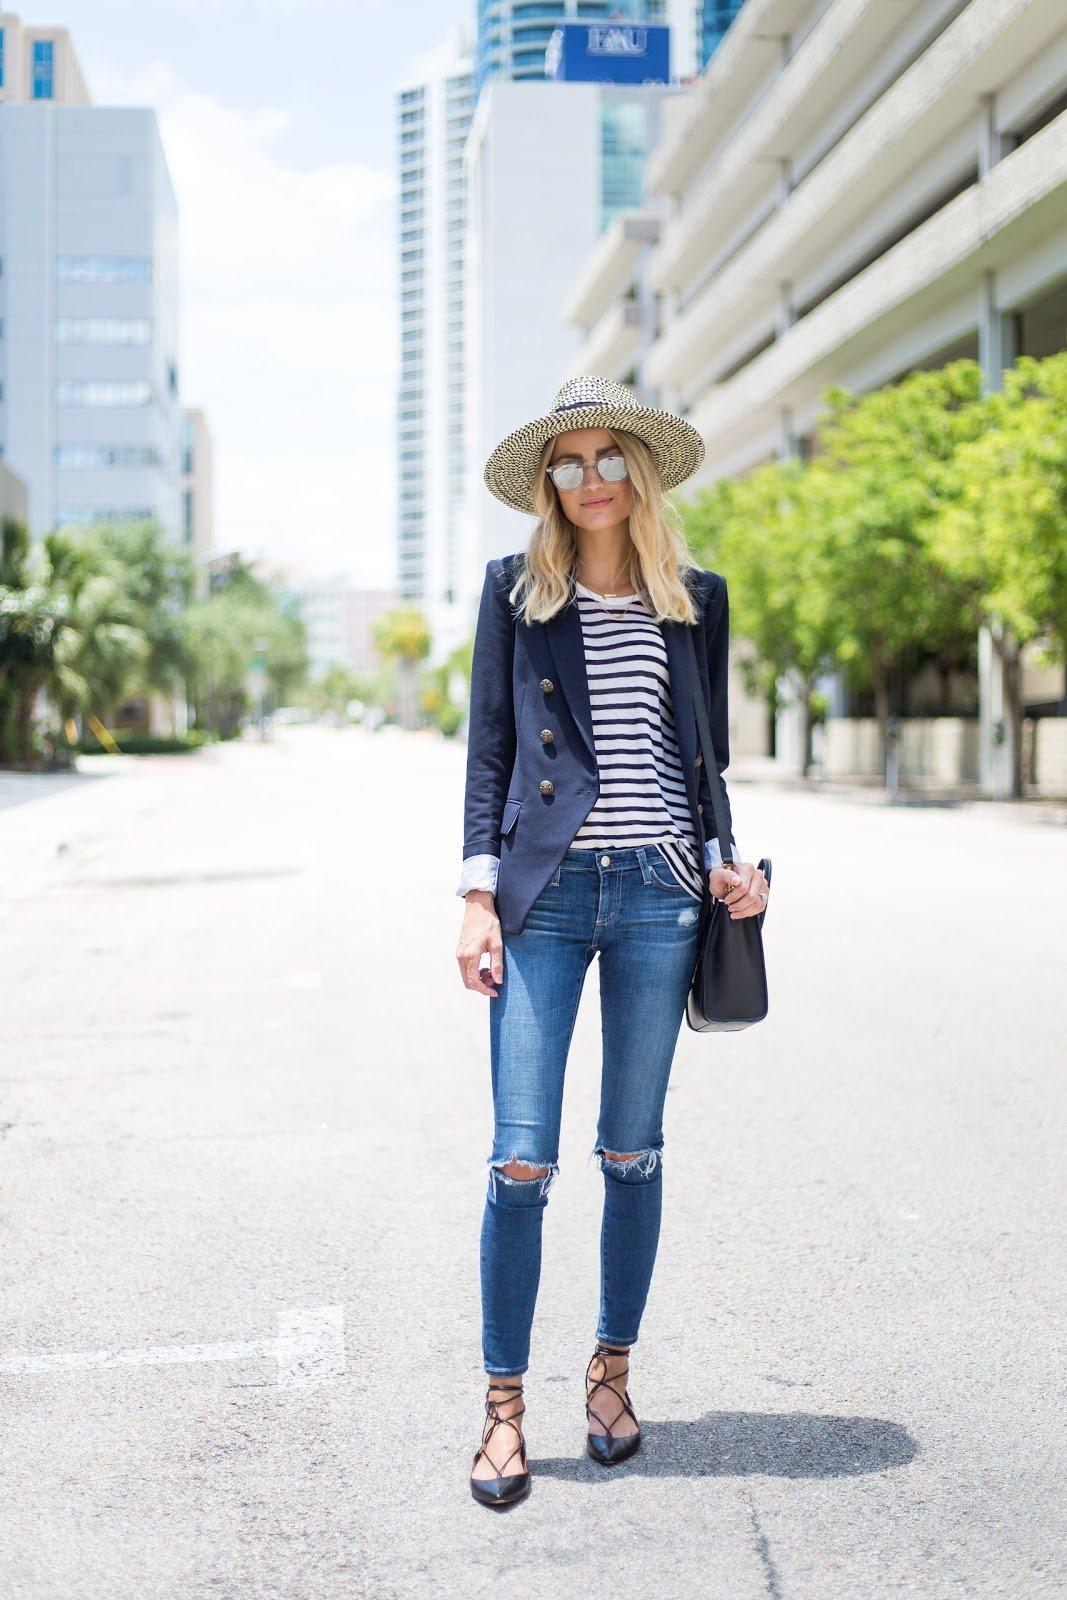 moda fin de semana 2017 blusa rayas saco azul pantalón de mezclilla